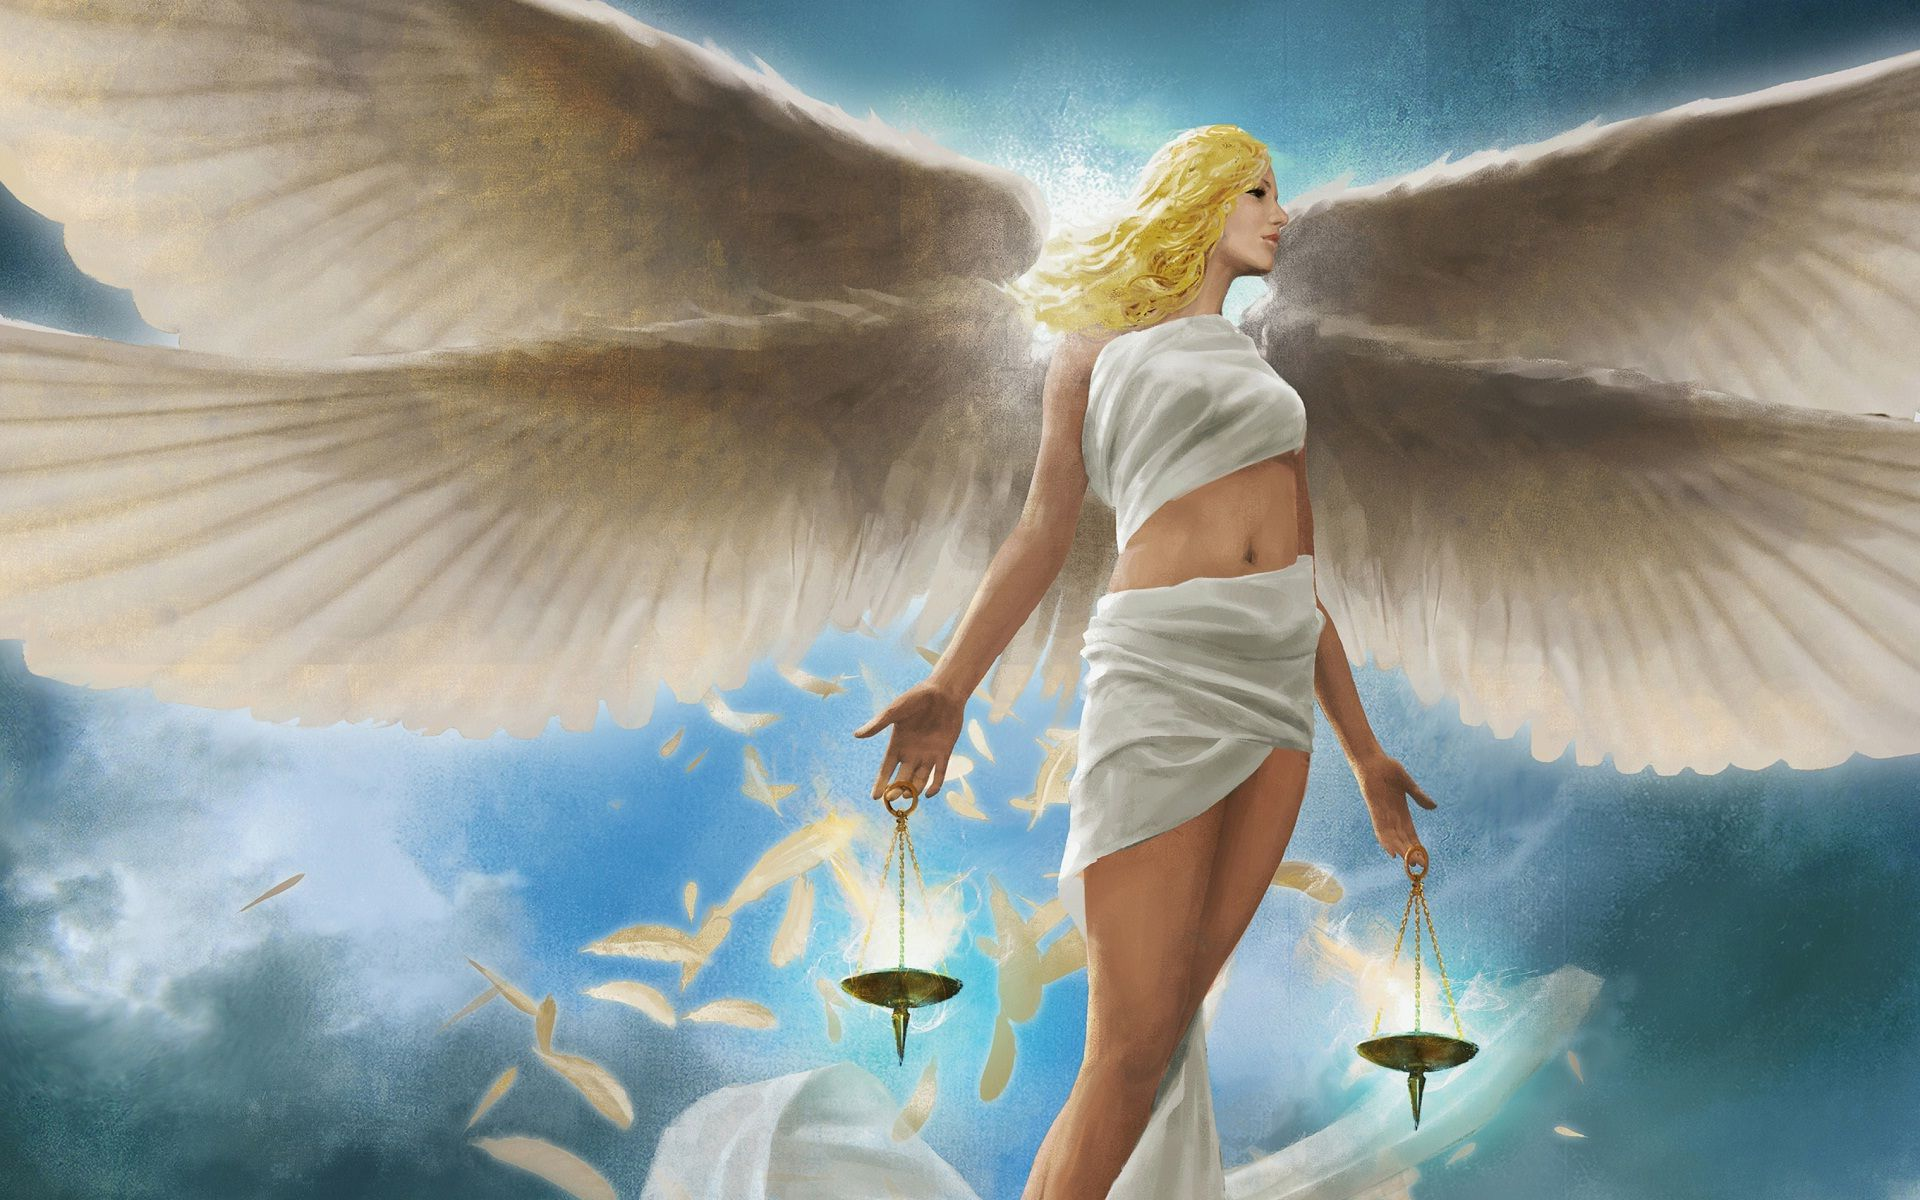 необычный ангел картинки фроленков вспомнил